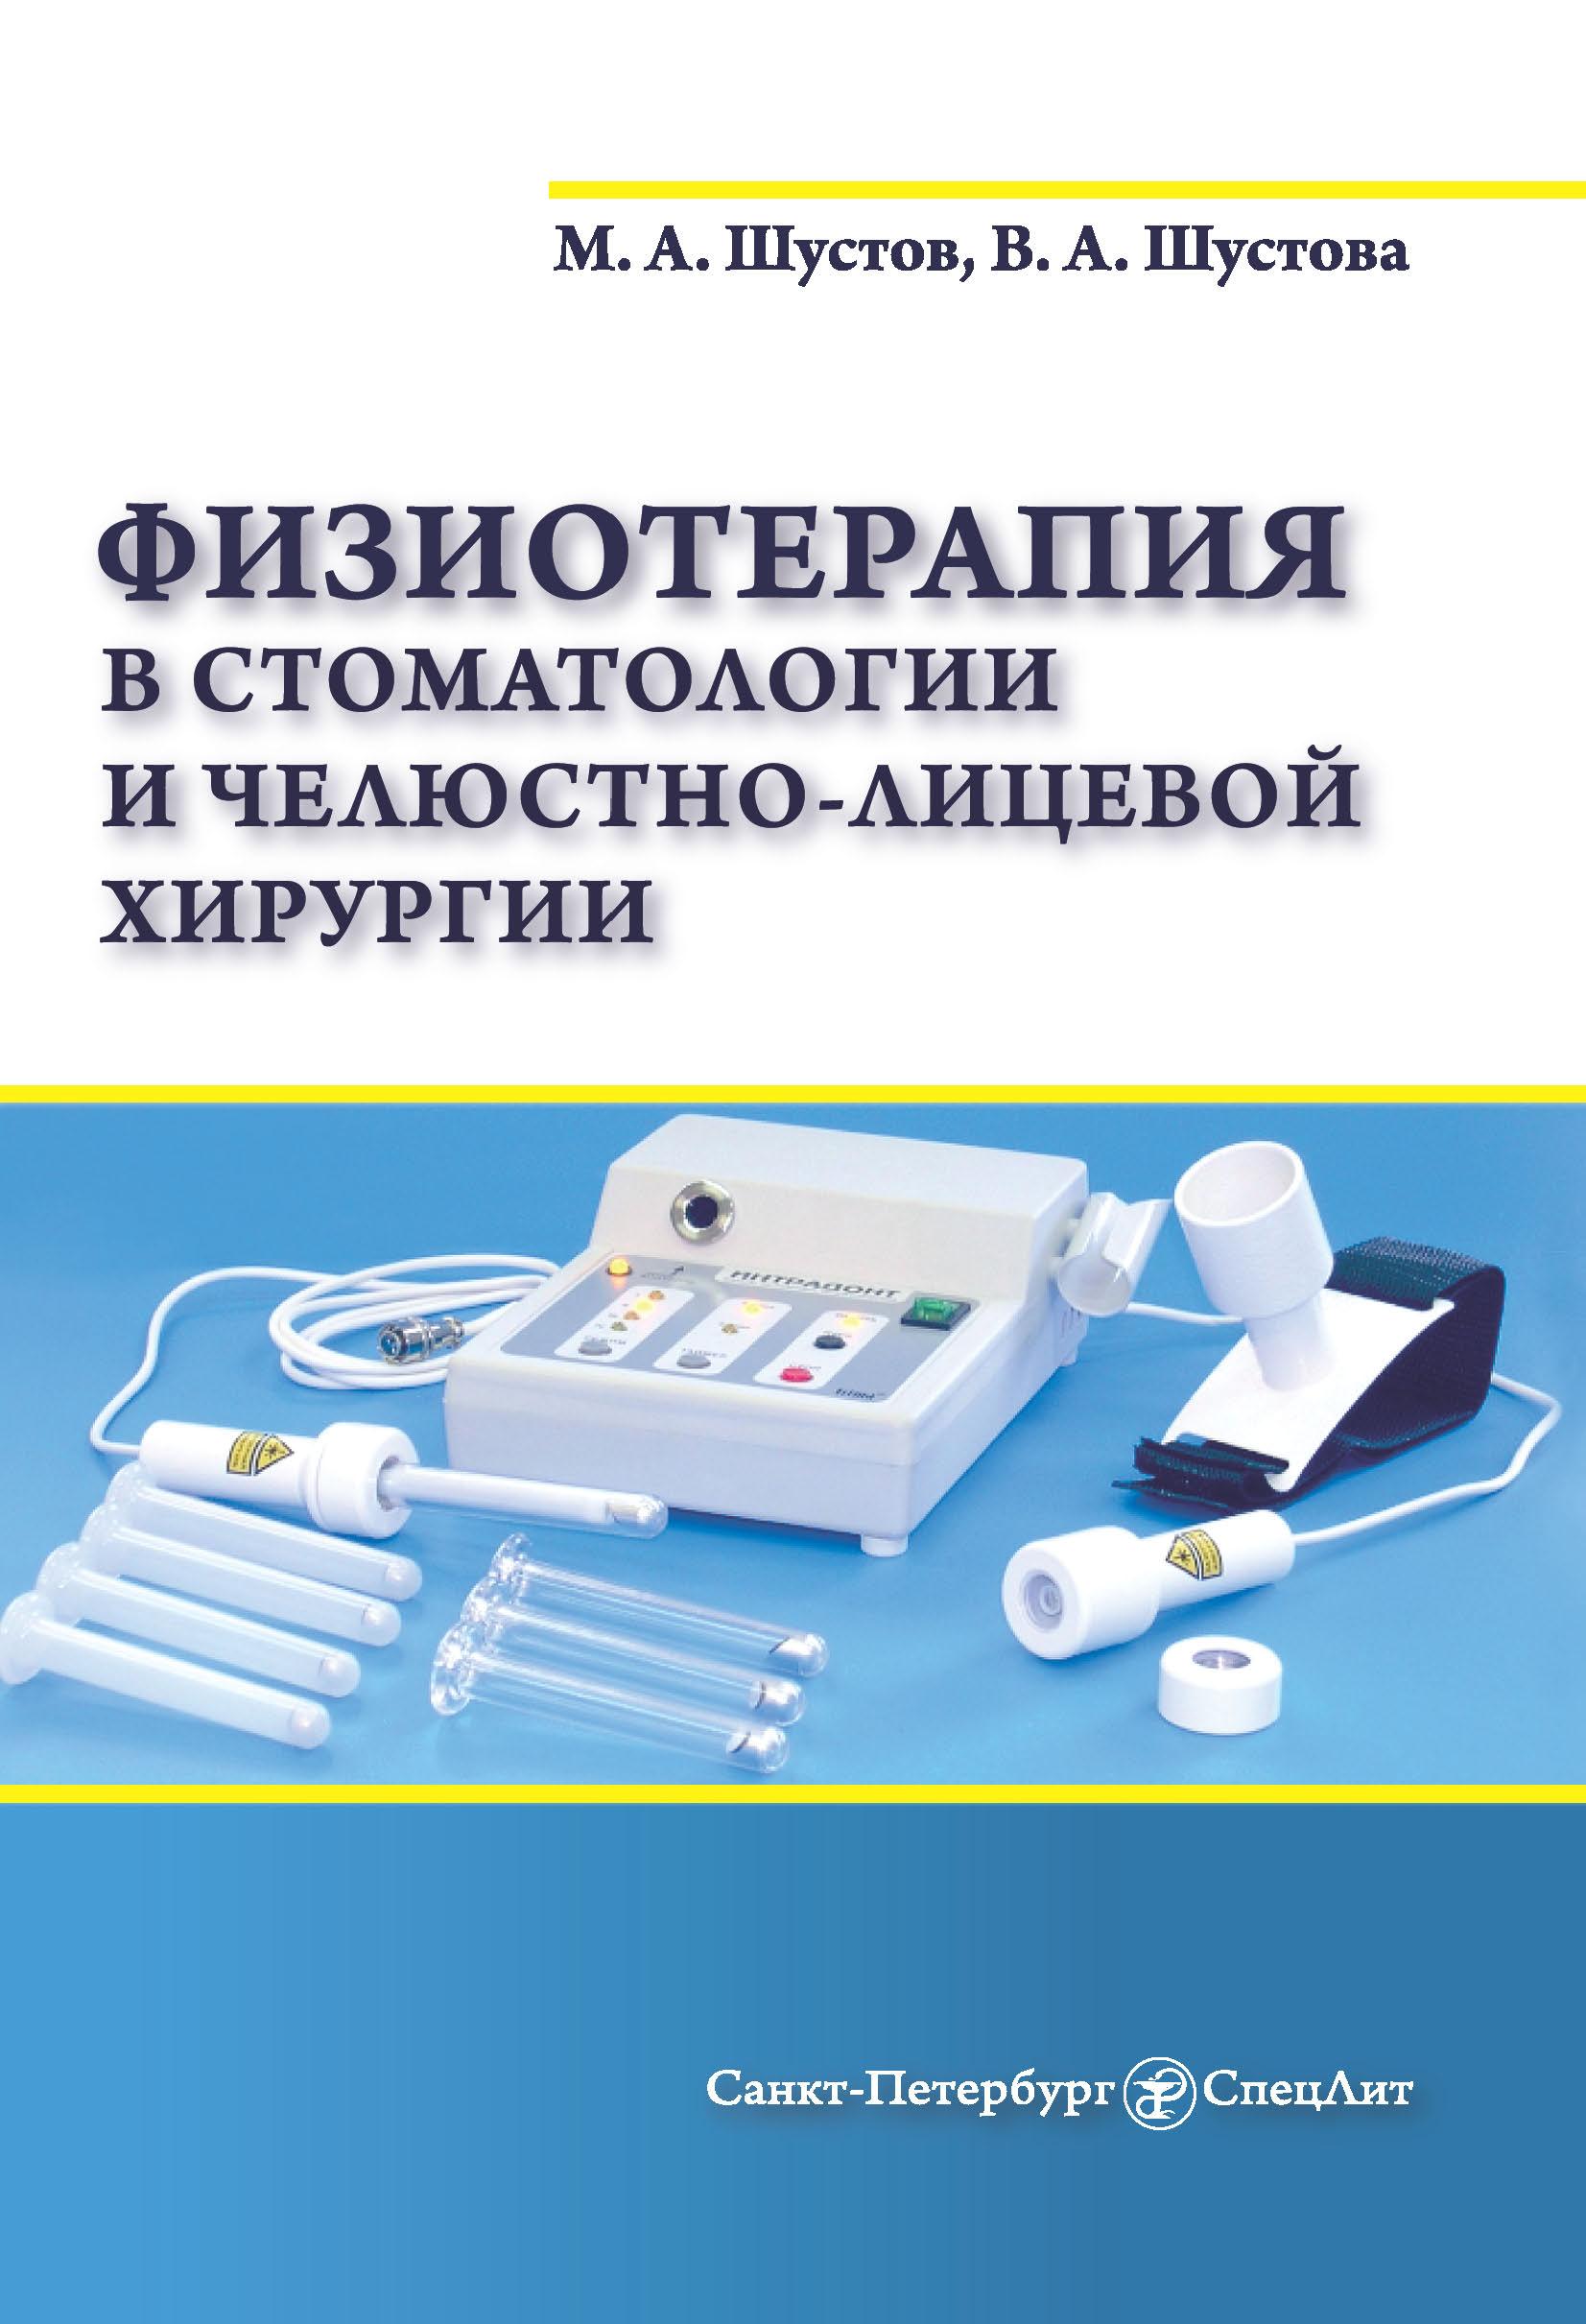 цена на М. А. Шустов Физиотерапия в стоматологии и челюстно-лицевой хирургии